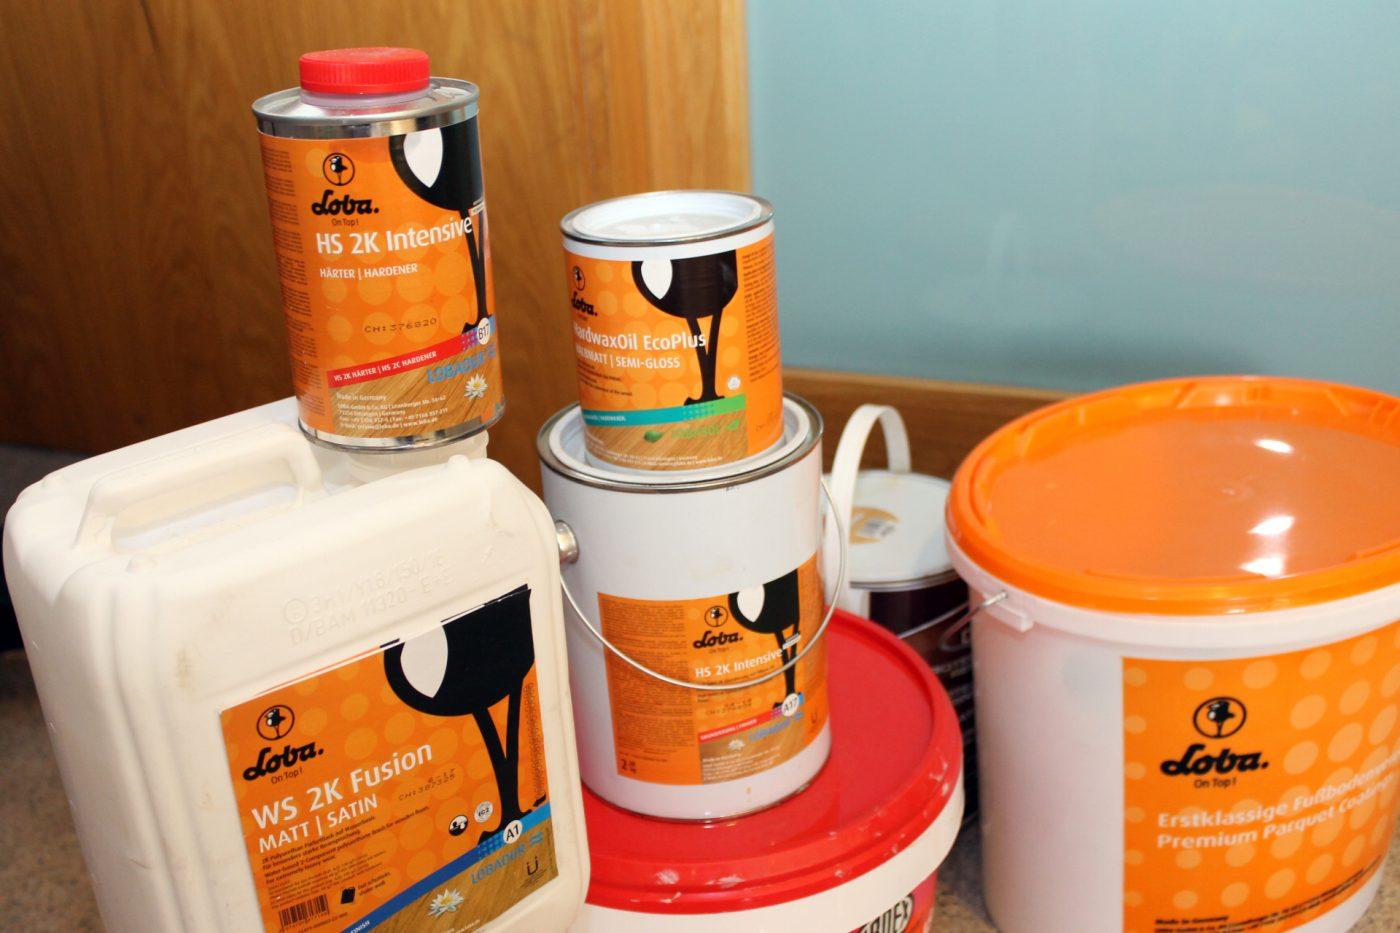 SANT JUST PARQUETS distribuirá los productos de LOBA en España